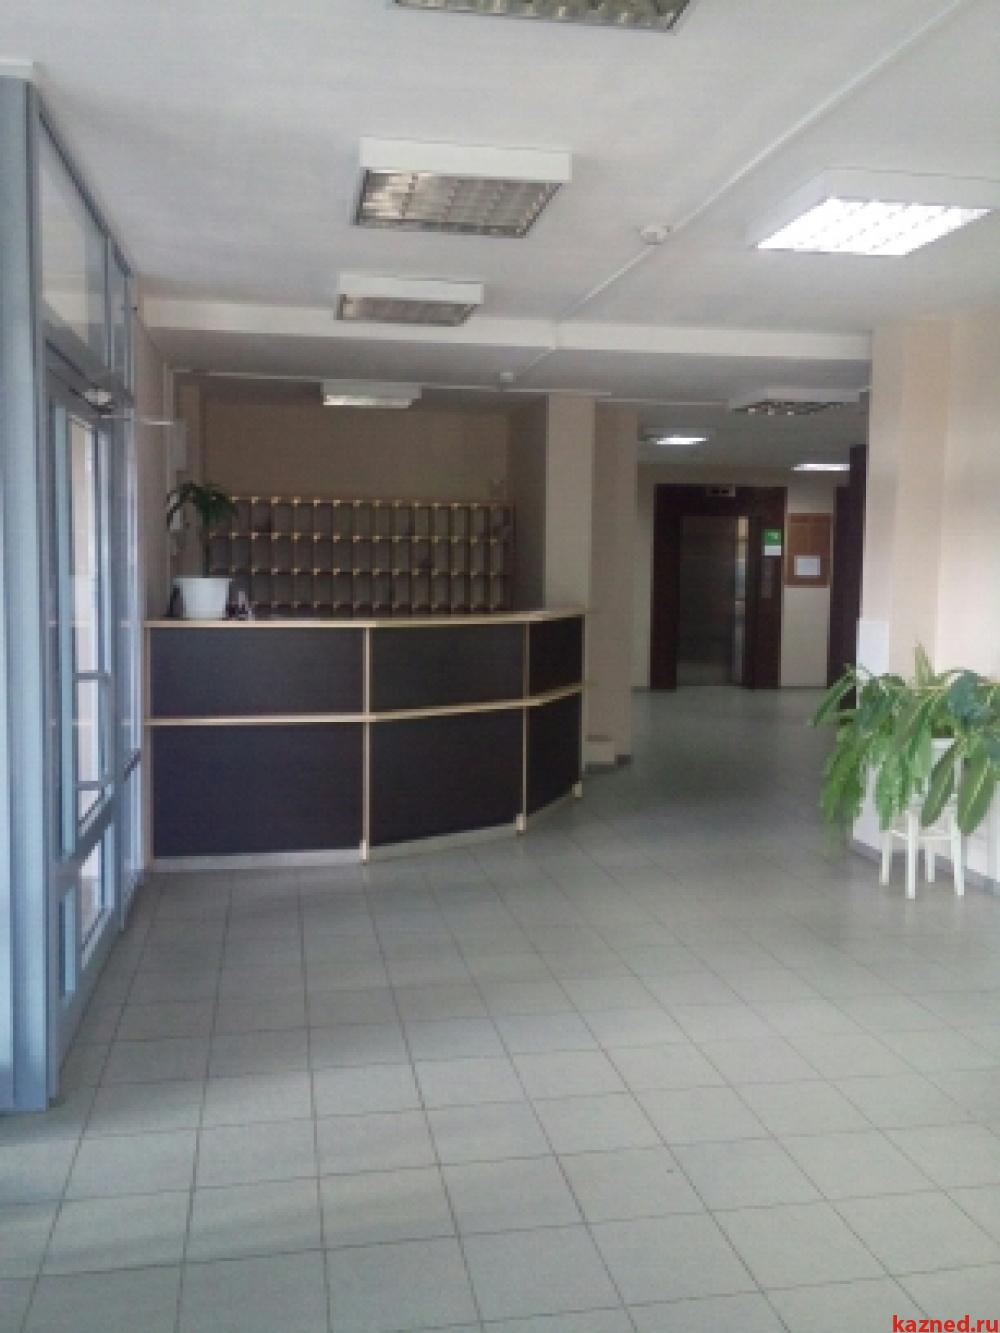 Продажа 1-к квартиры Оренбургский тракт,24Б, 48 м²  (миниатюра №7)